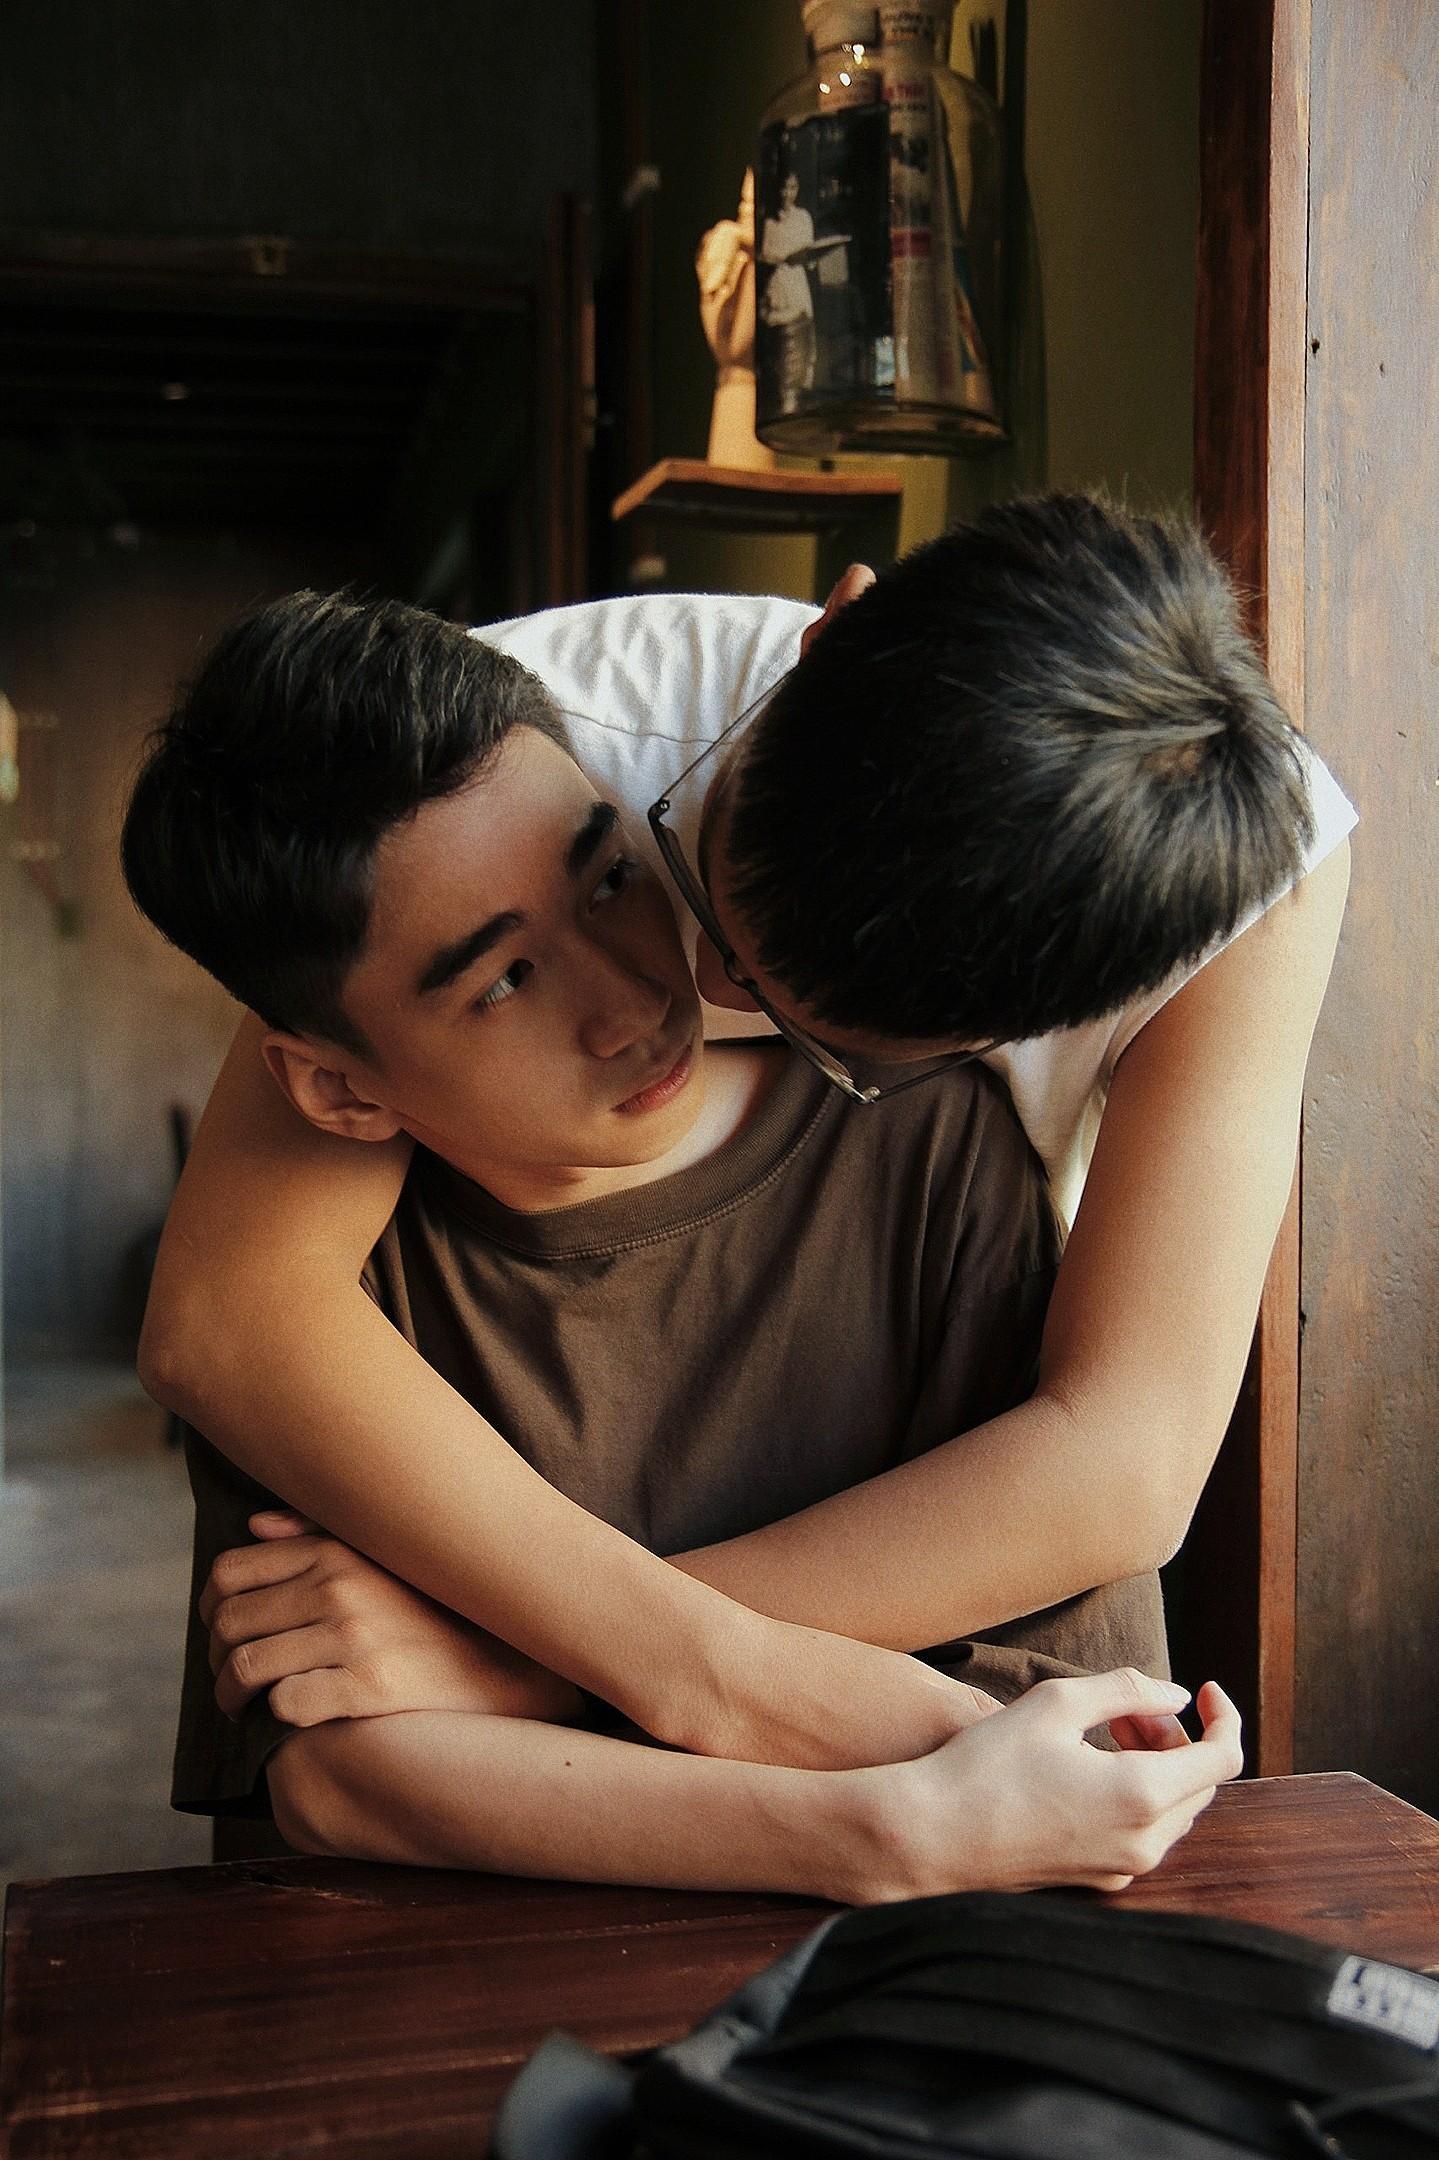 Bộ ảnh rất tình của cặp LGBT điển trai khiến cộng đồng mạng thổn thức - Ảnh 8.